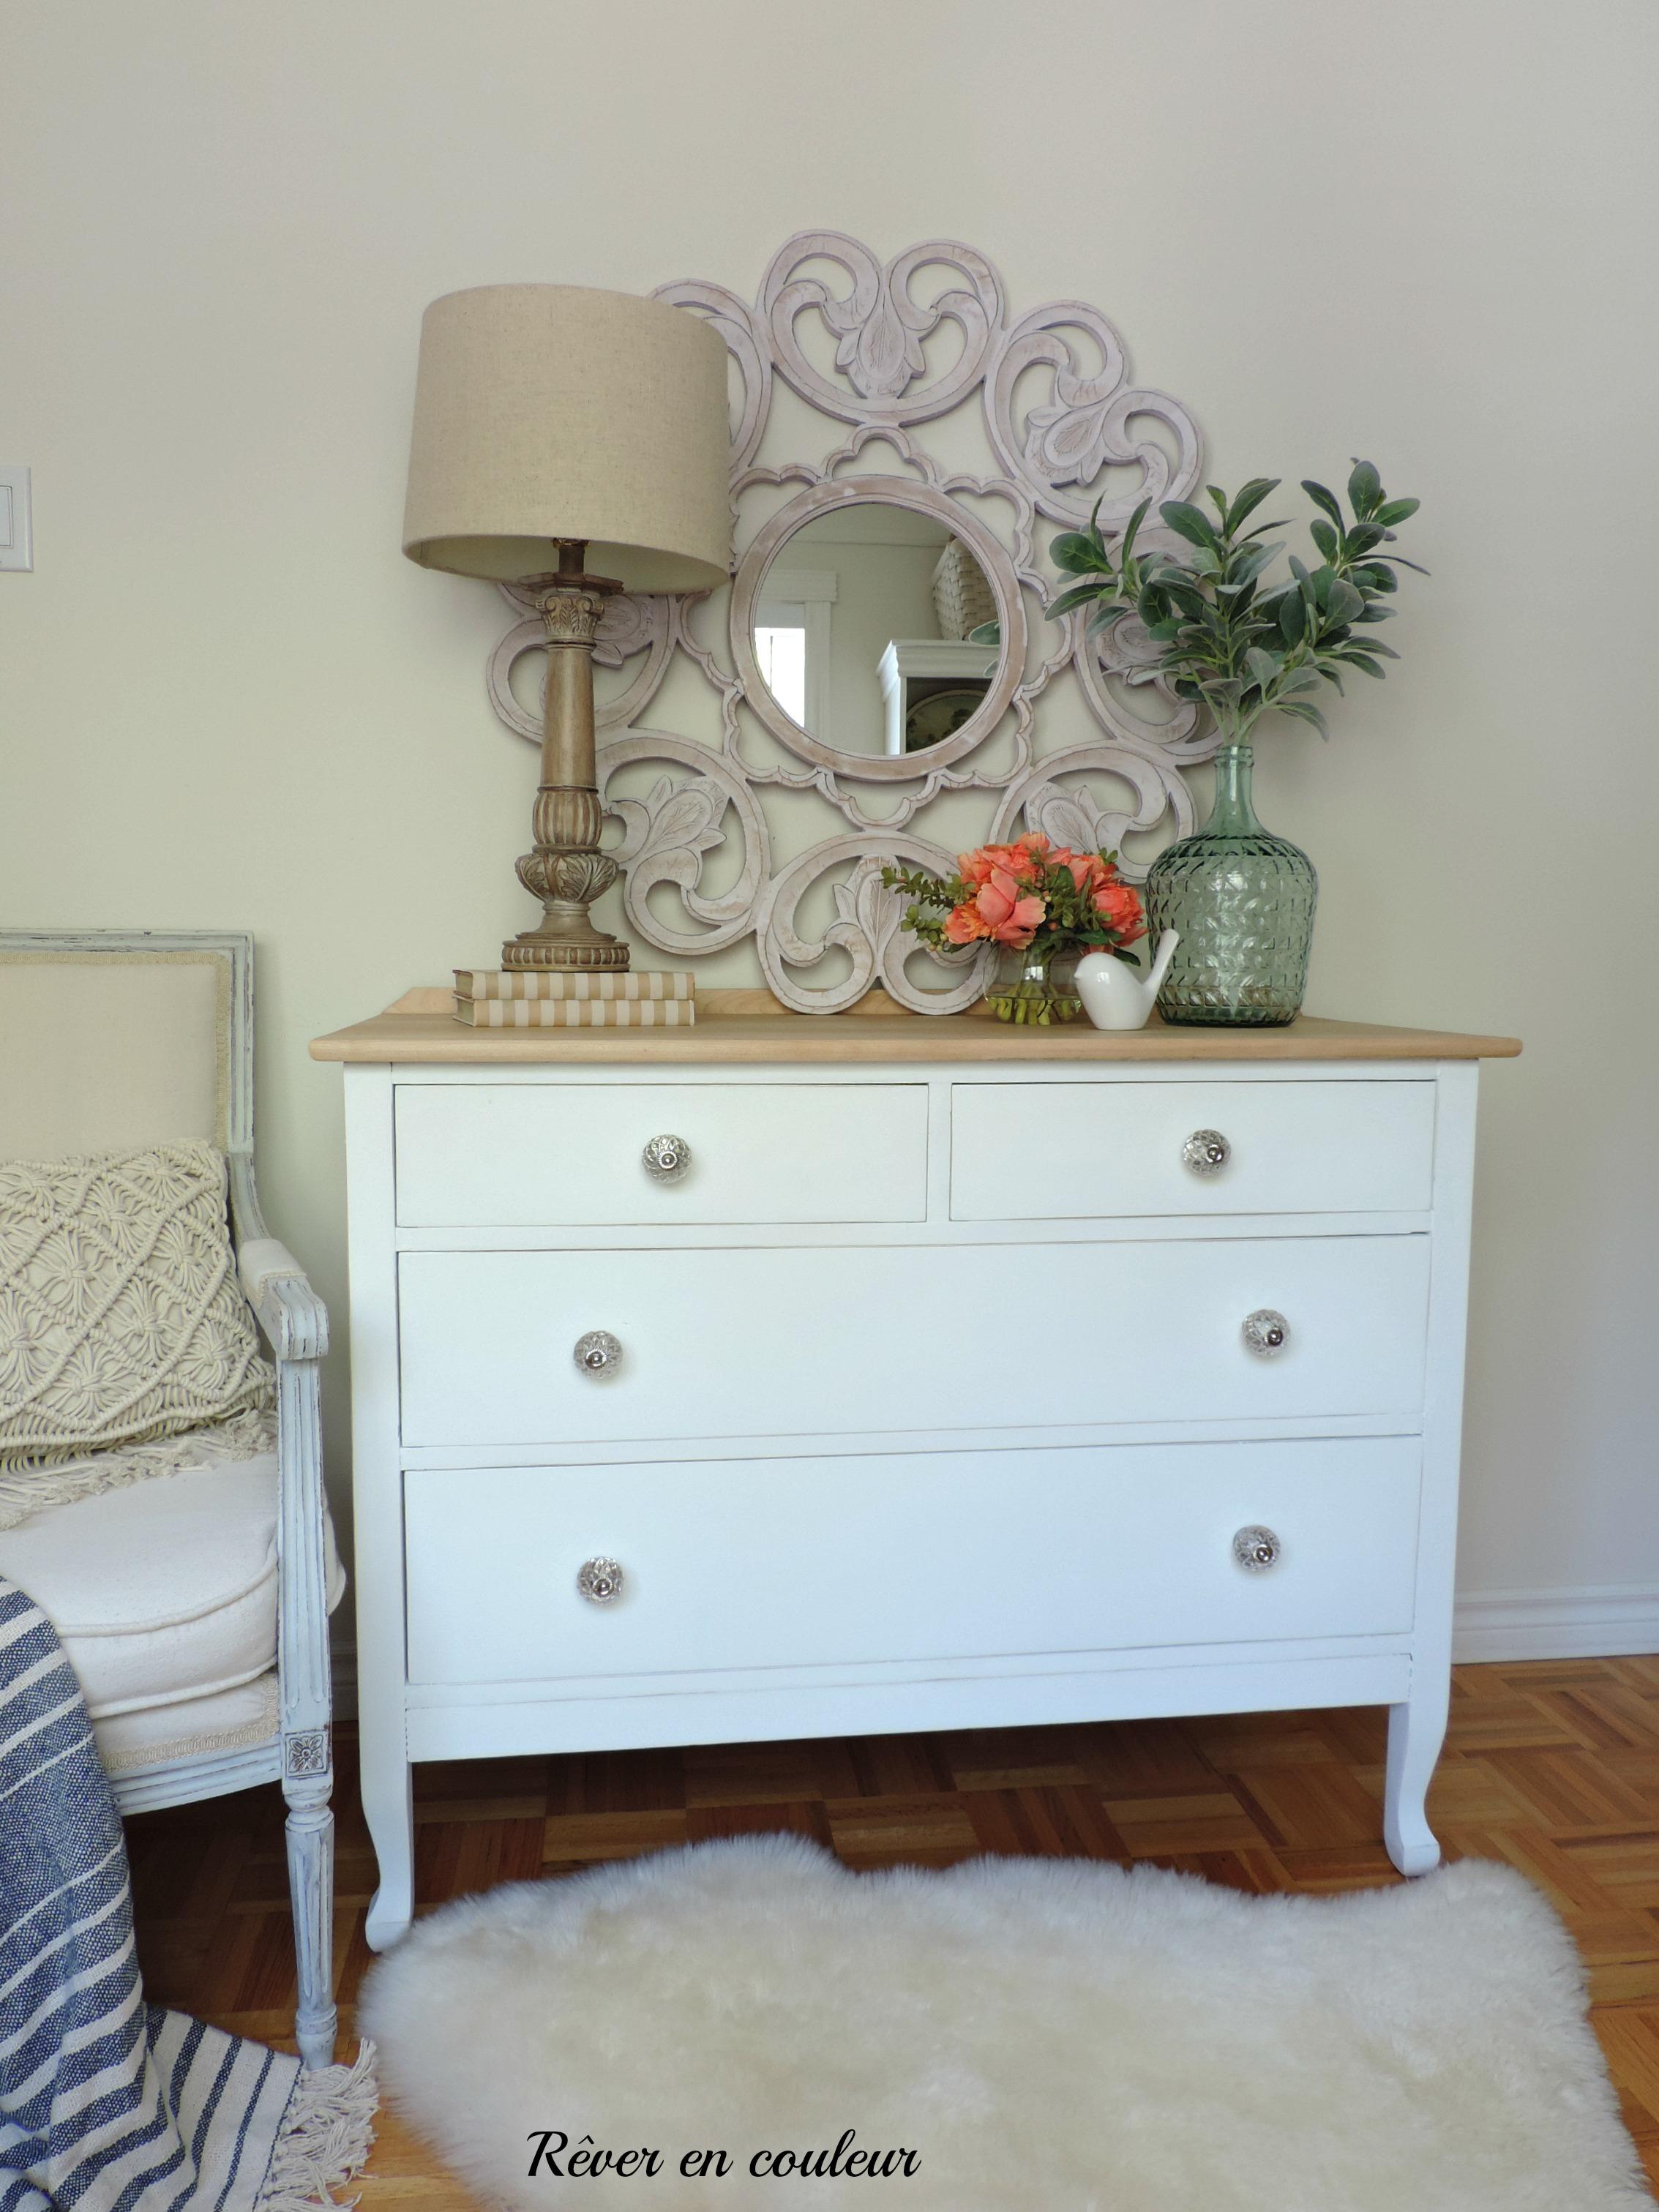 ma nouvelle commode ma recette de peinture la craie maison r ver en couleur. Black Bedroom Furniture Sets. Home Design Ideas